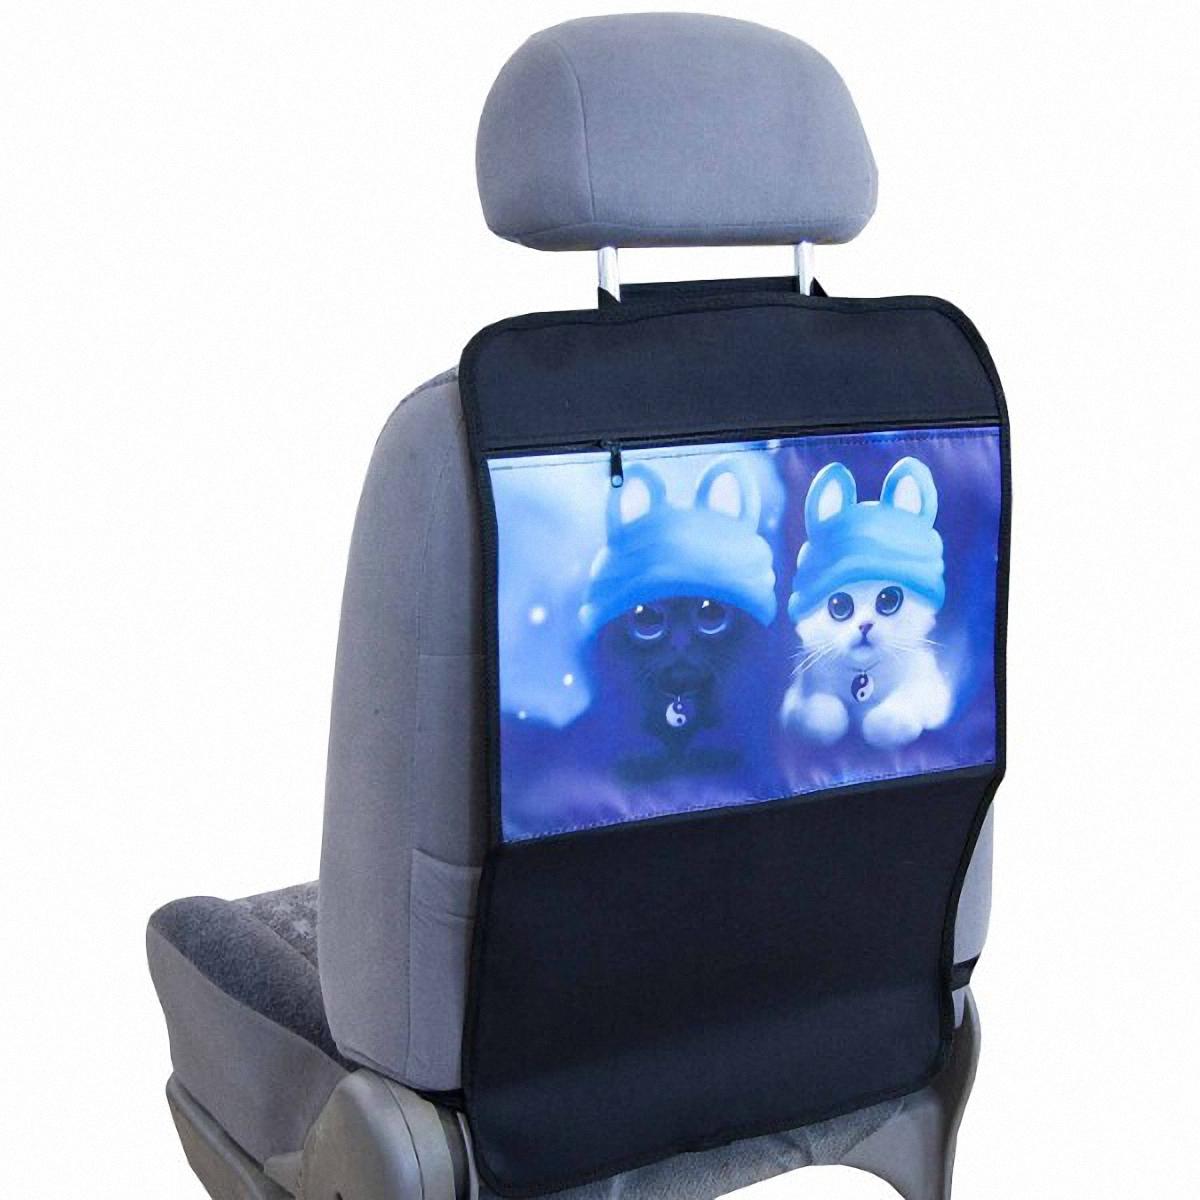 Накидка-органайзер защитная Skyway, на спинку сидения, 37 х 55 см. S0610100598293777Защитная накидка-органайзер Skyway изготовлена из материалов, отличающихся высокими эксплуатационными характеристиками, благодаря чему в течение длительного времени сохраняет презентабельный внешний вид. Ткань накидки устойчива к механическому воздействию, а также является достаточно прочной и плотной для того, чтобы не пропустить жидкости и другие источники загрязнений к обивке сидений. А красочный рисунок не даст заскучать вашему ребенку в дальней дороге.Размер изделия: 37 х 55 см.